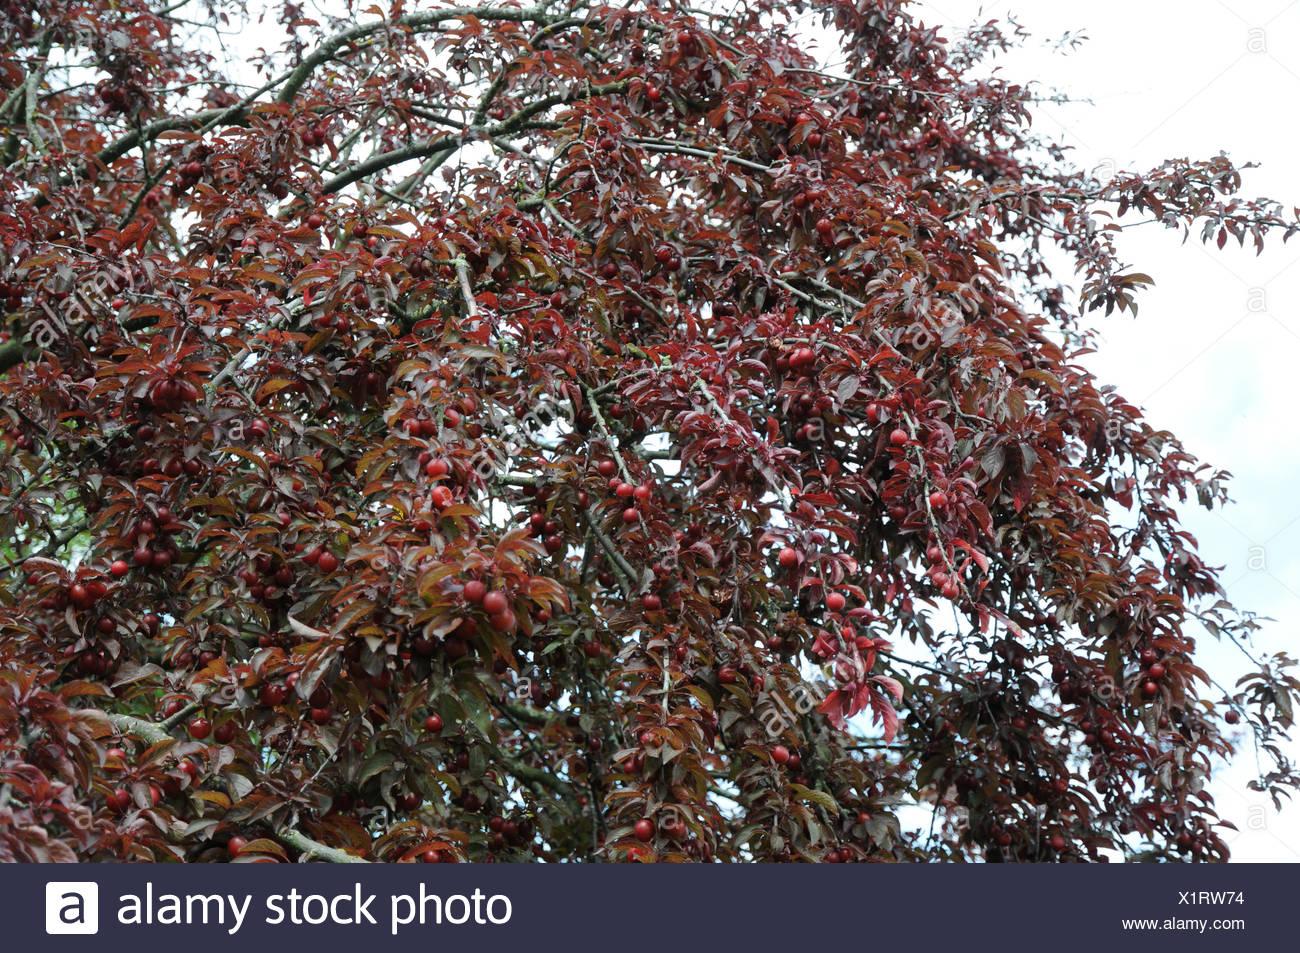 C8 Alamy Com Comp X1rw74 Purple Leaf Cherry Plu